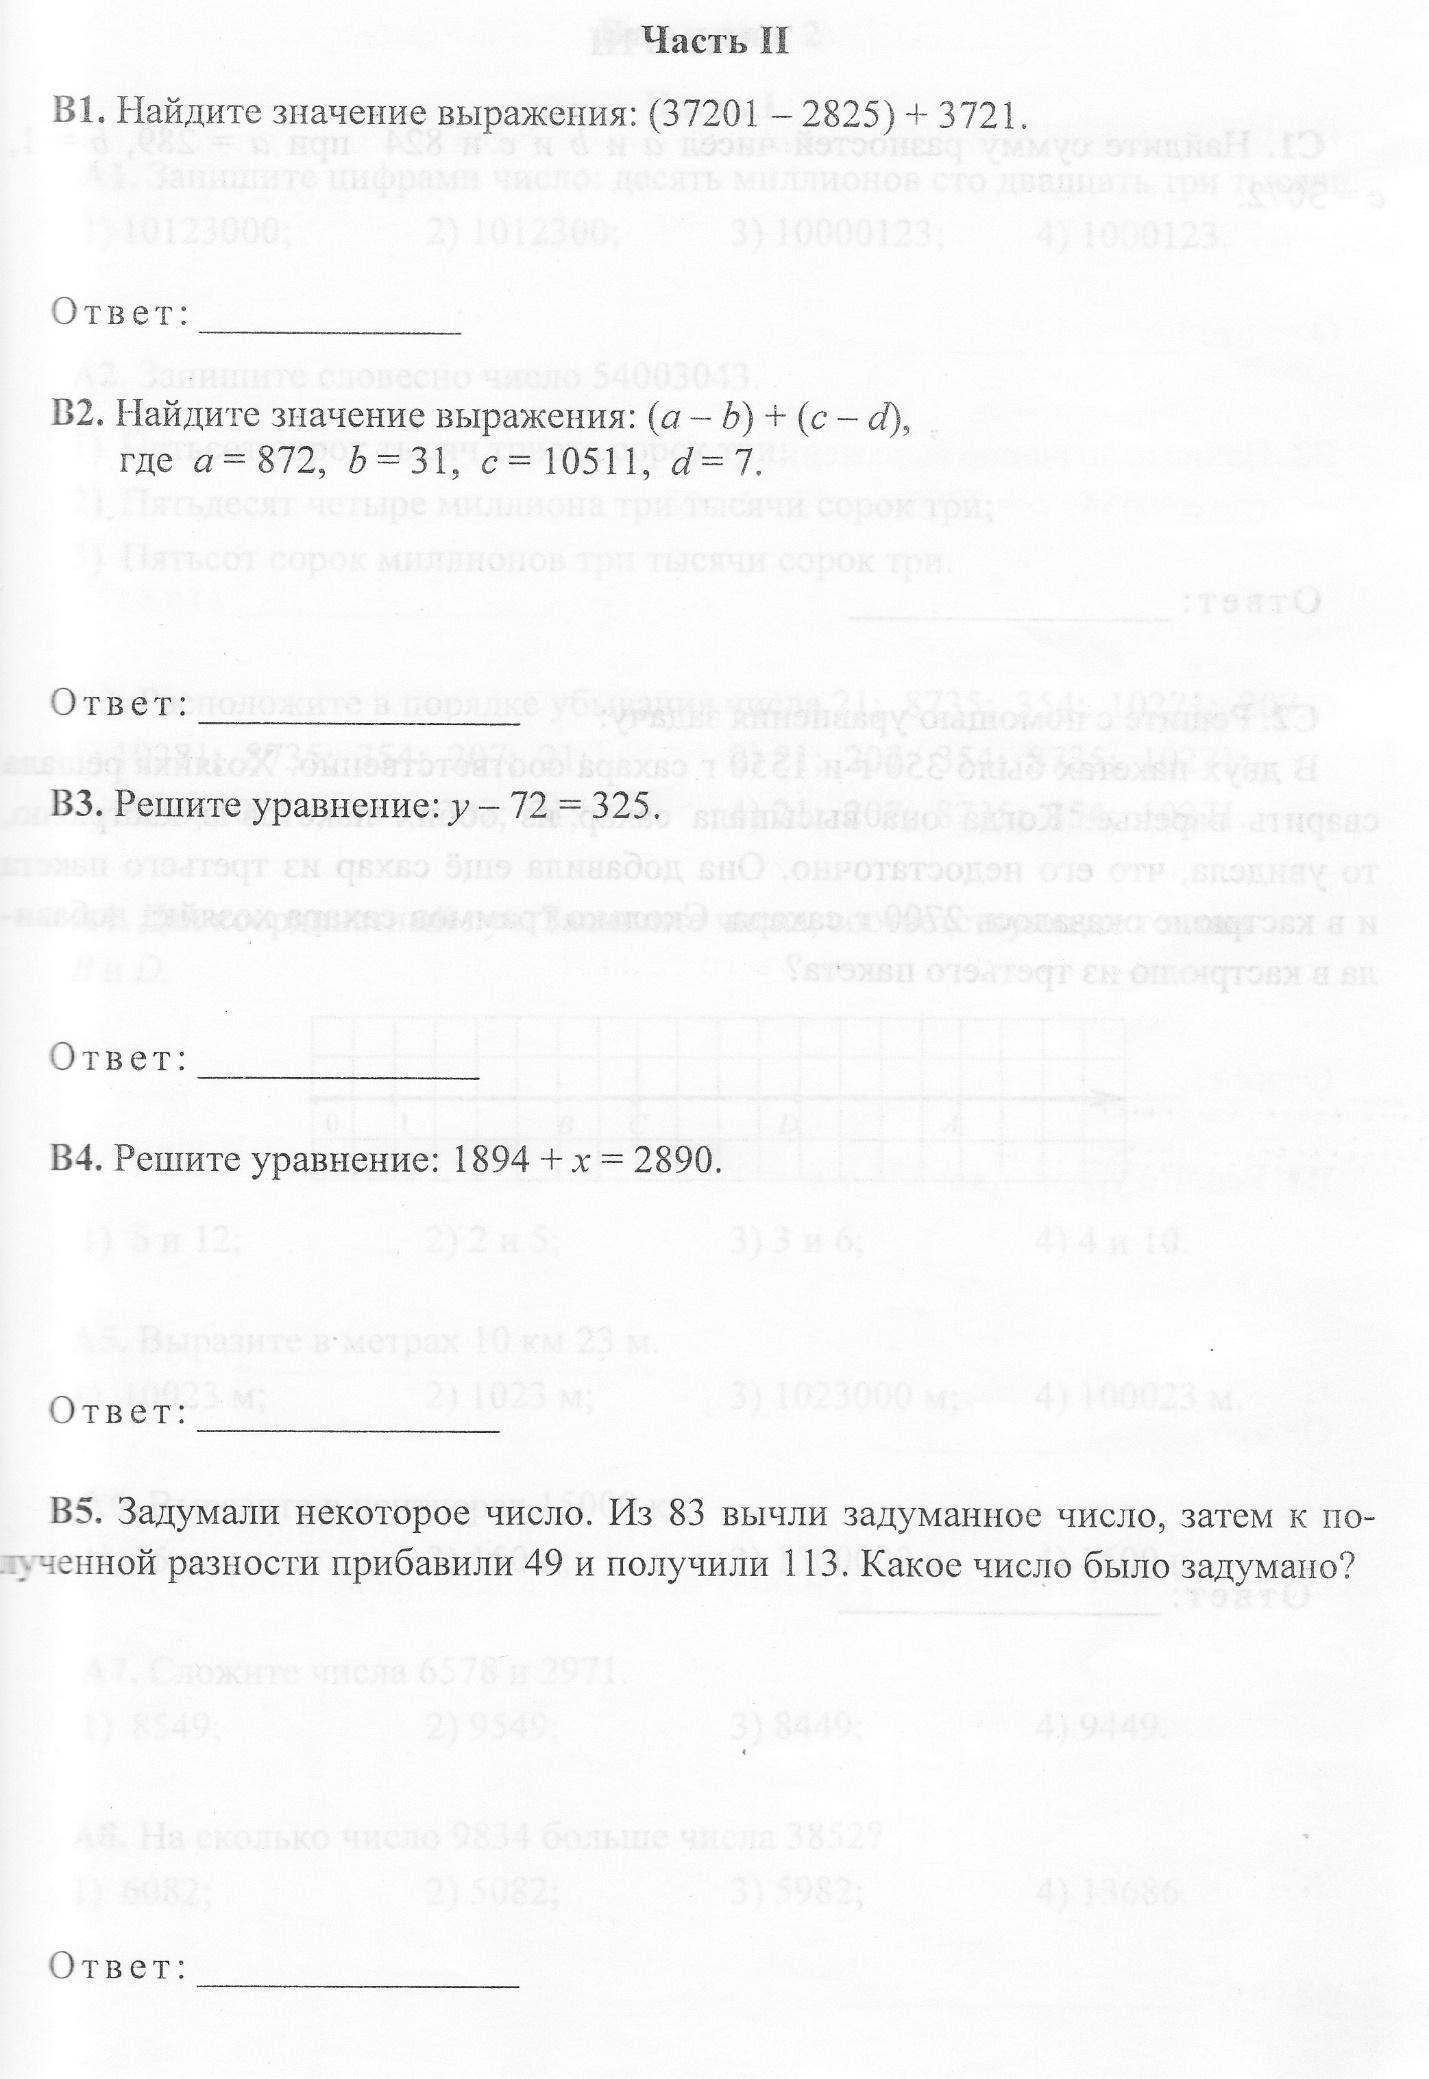 H:\рабочая программа 2015-2016\математика 5 кл\рабочая программа\диагностики\IMG_0009.jpg